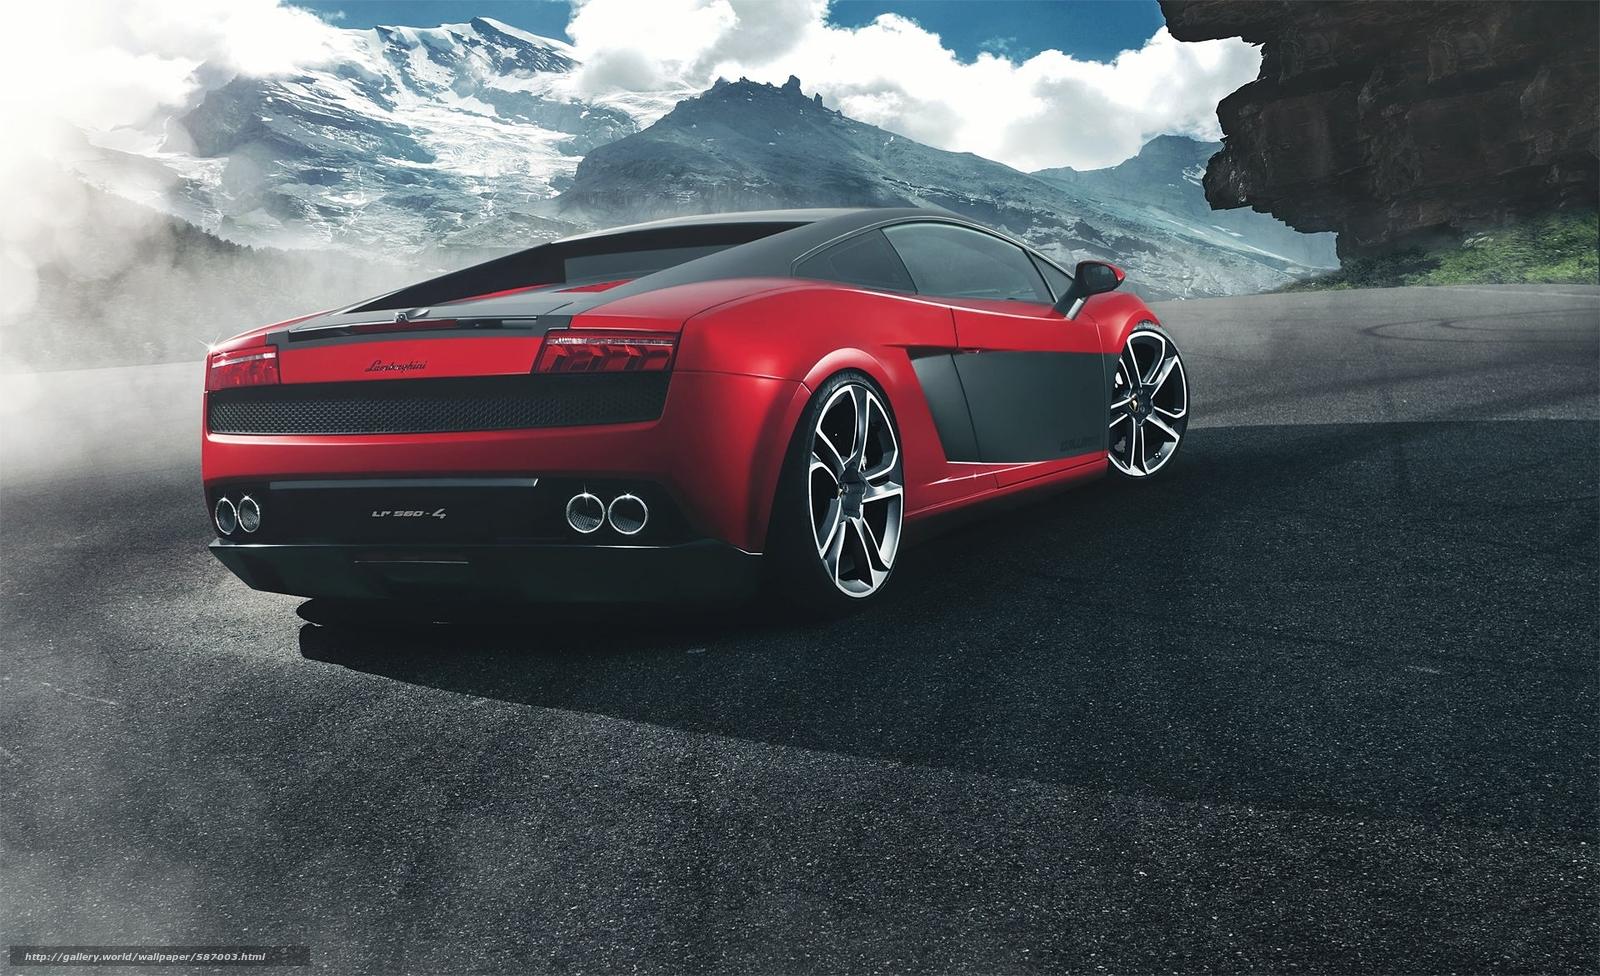 Скачать обои ламборджини,  Lamborghini,  красный,  горы бесплатно для рабочего стола в разрешении 1920x1171 — картинка №587003